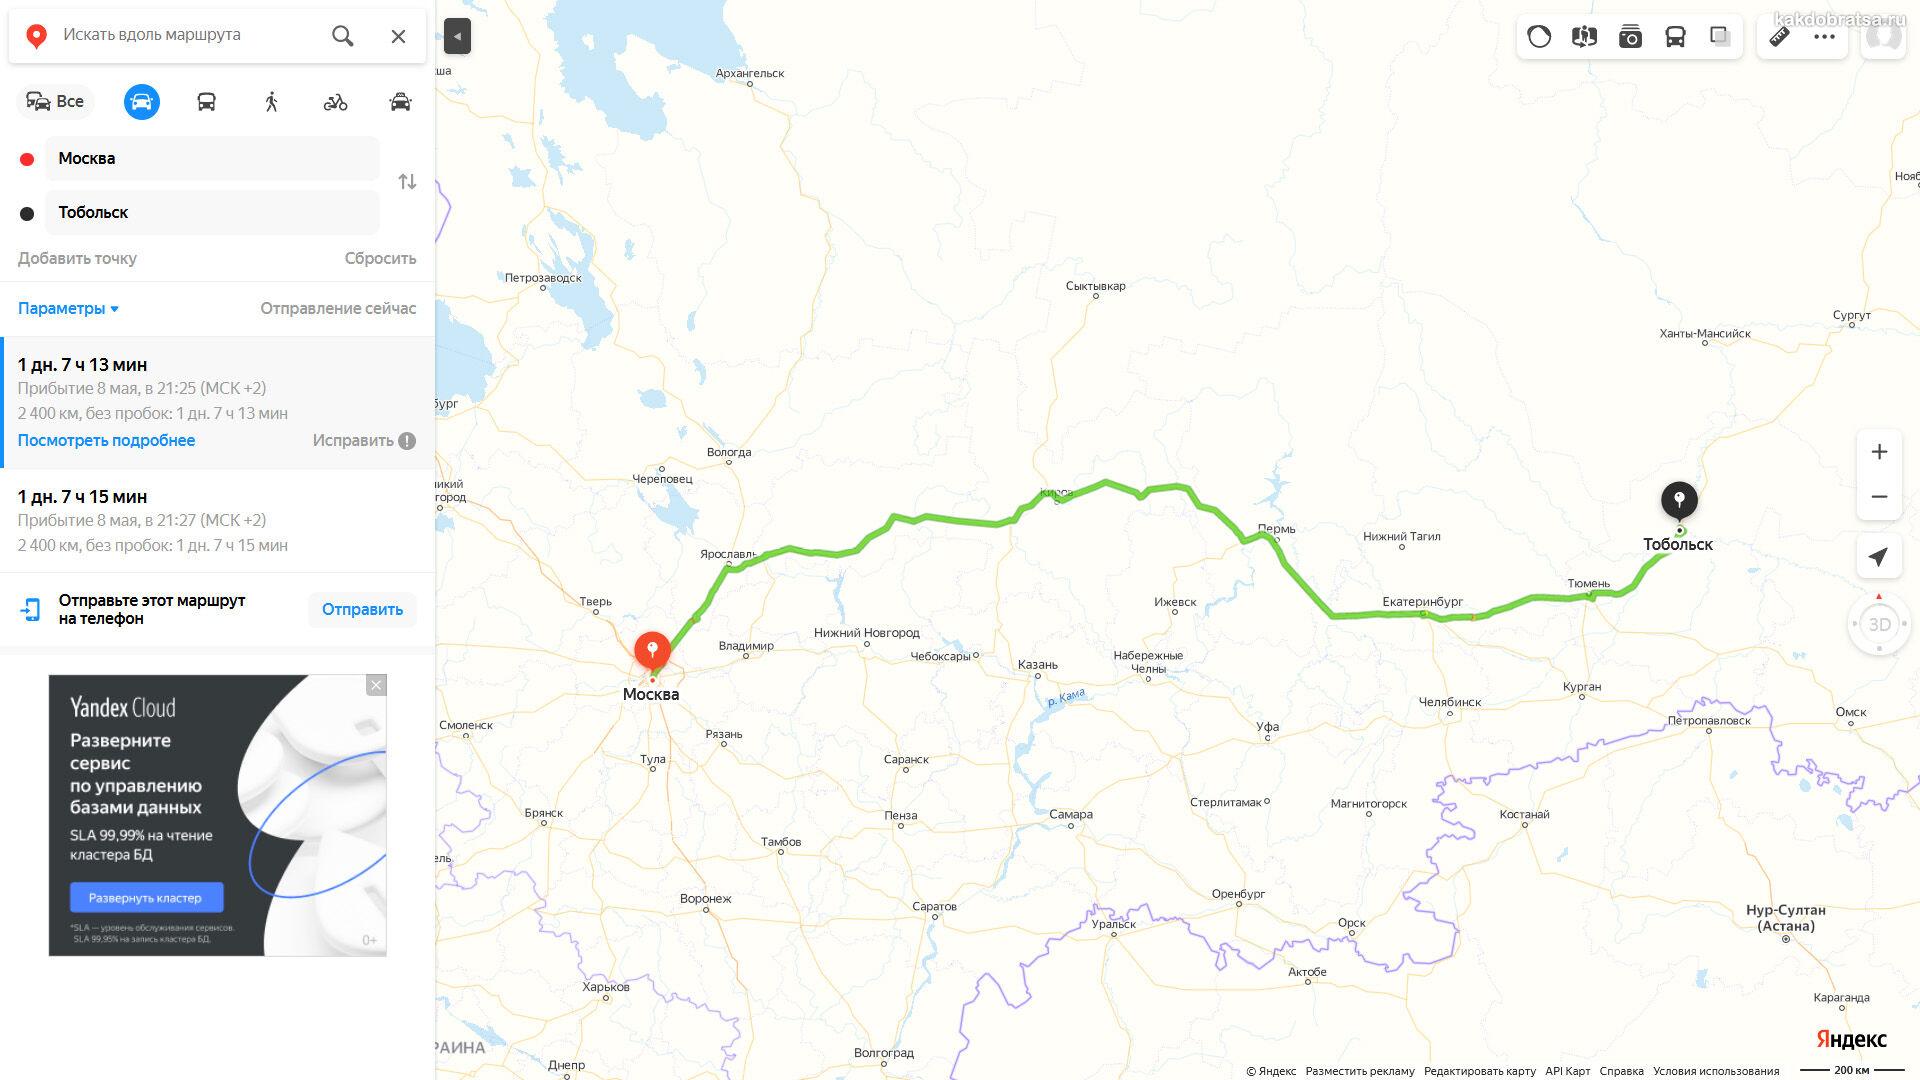 Расстояние между Тобольском и Москвой по карте